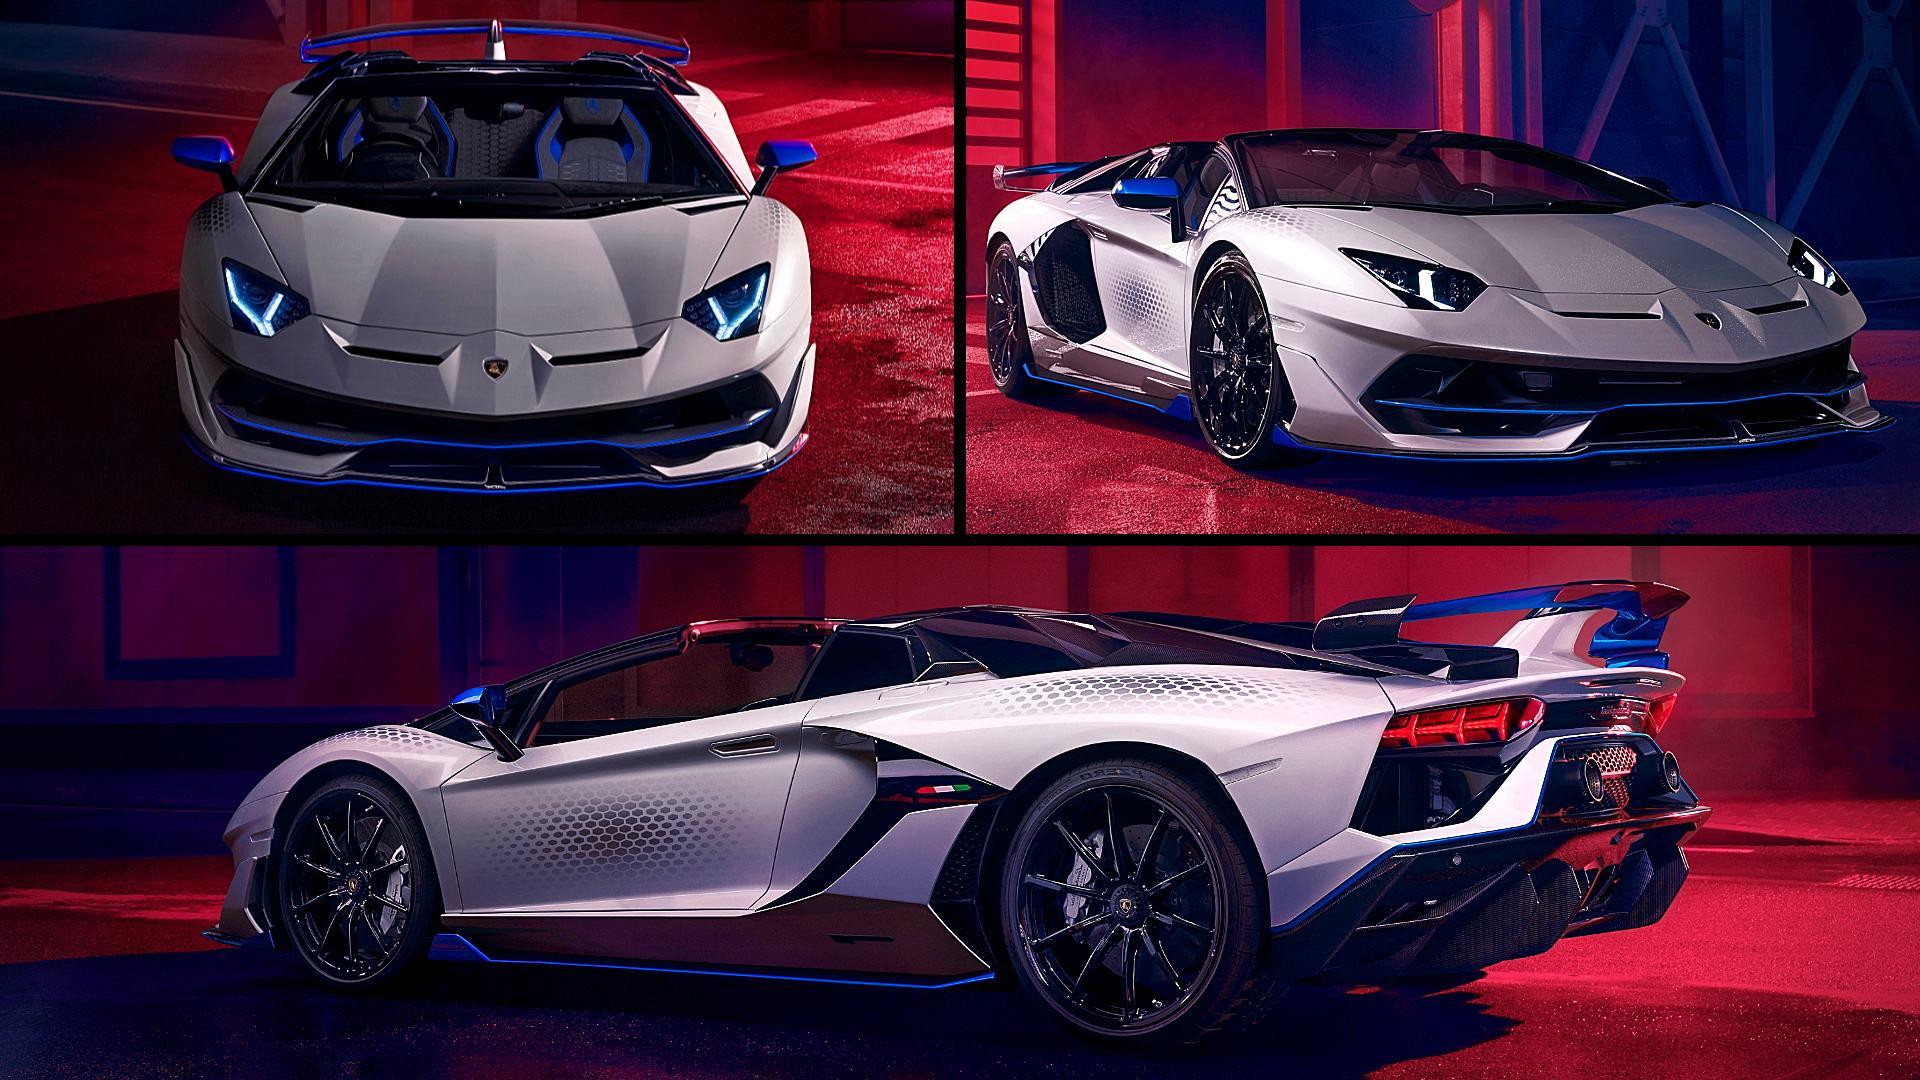 2020 Lamborghini Aventador SVJ Xago Roadster Images Pictures